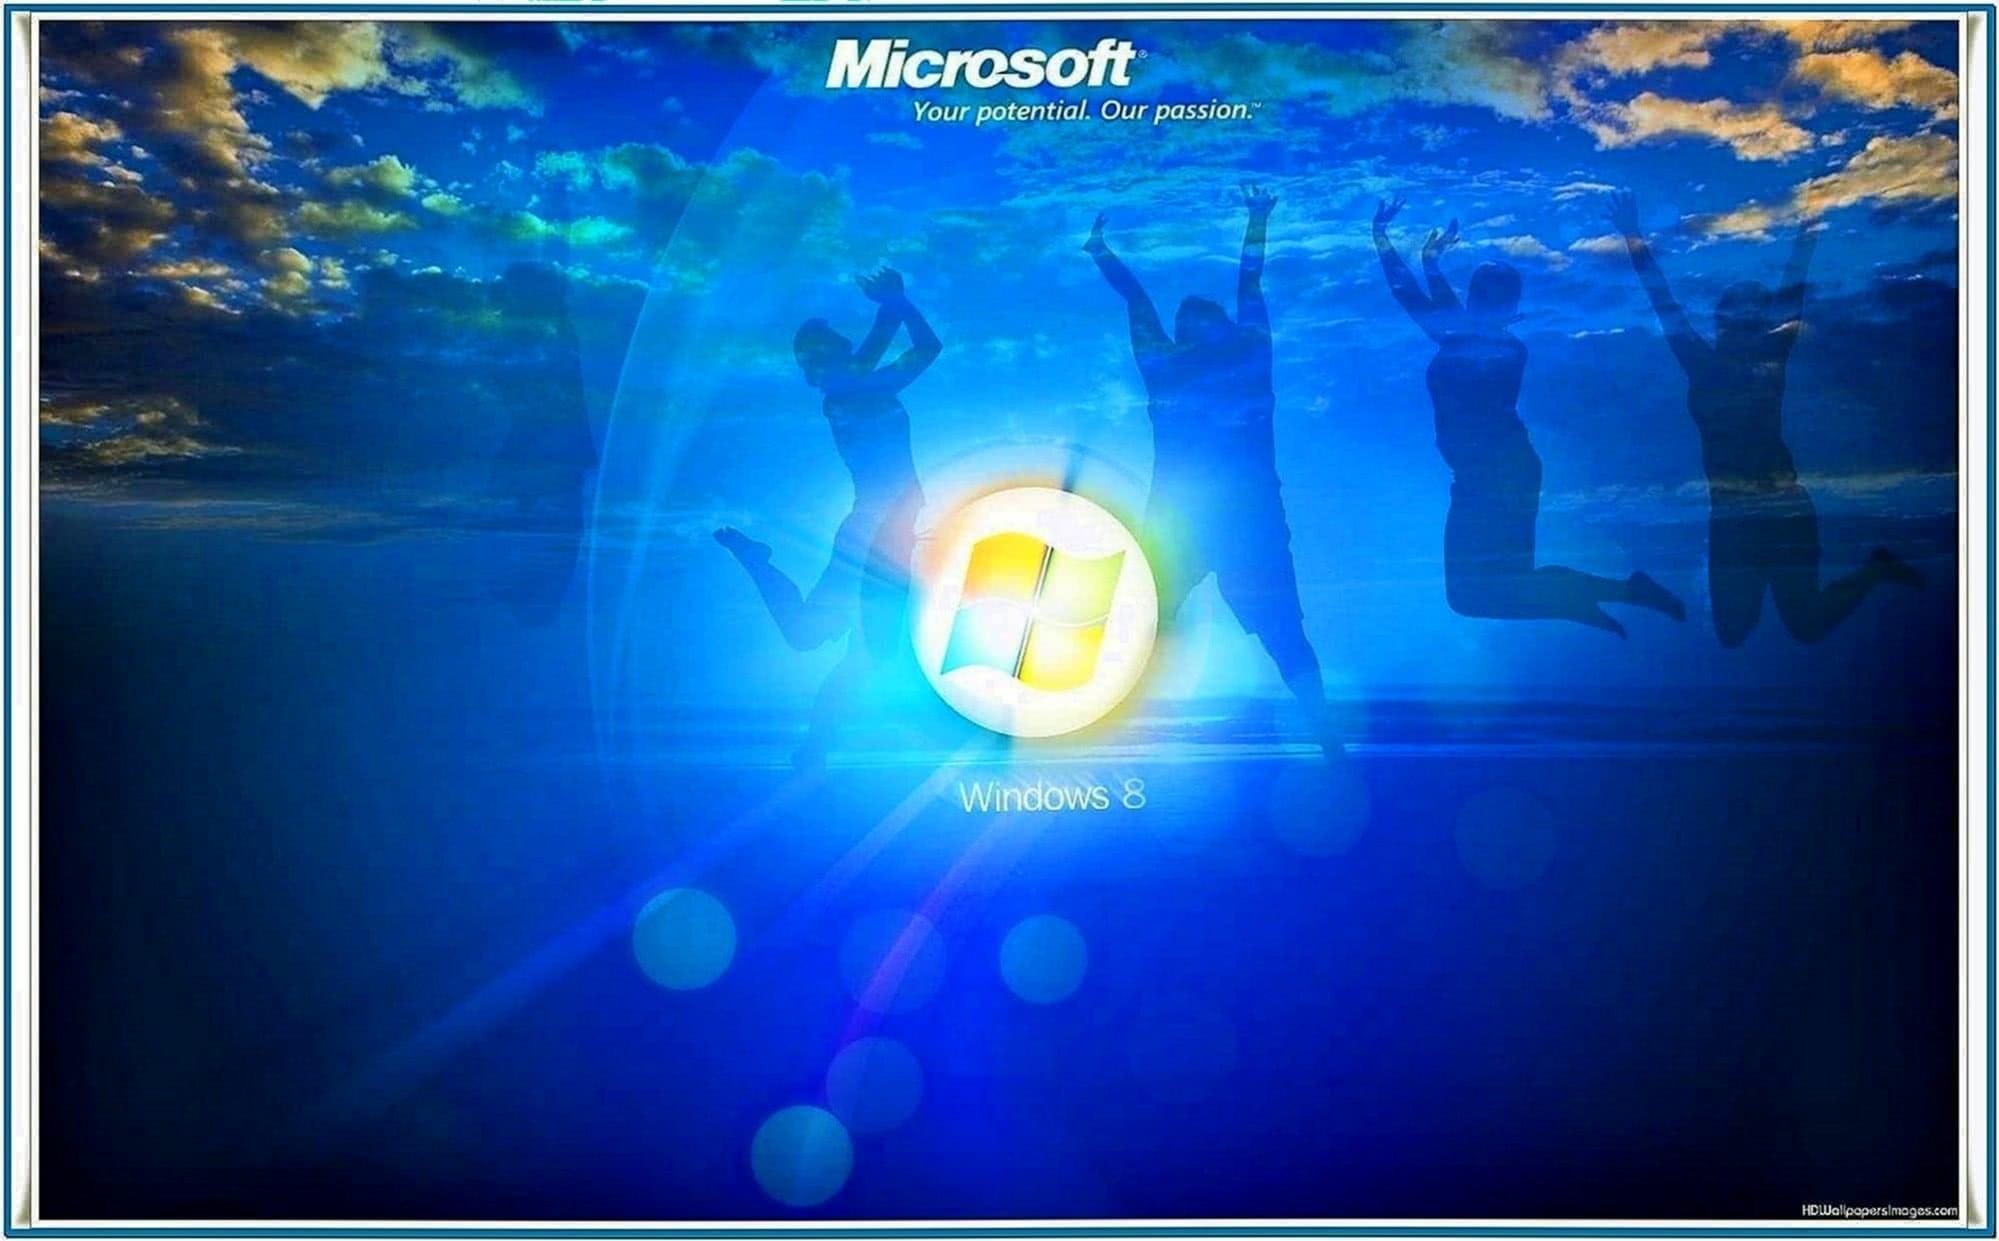 Mac OS Screensaver Windows 8